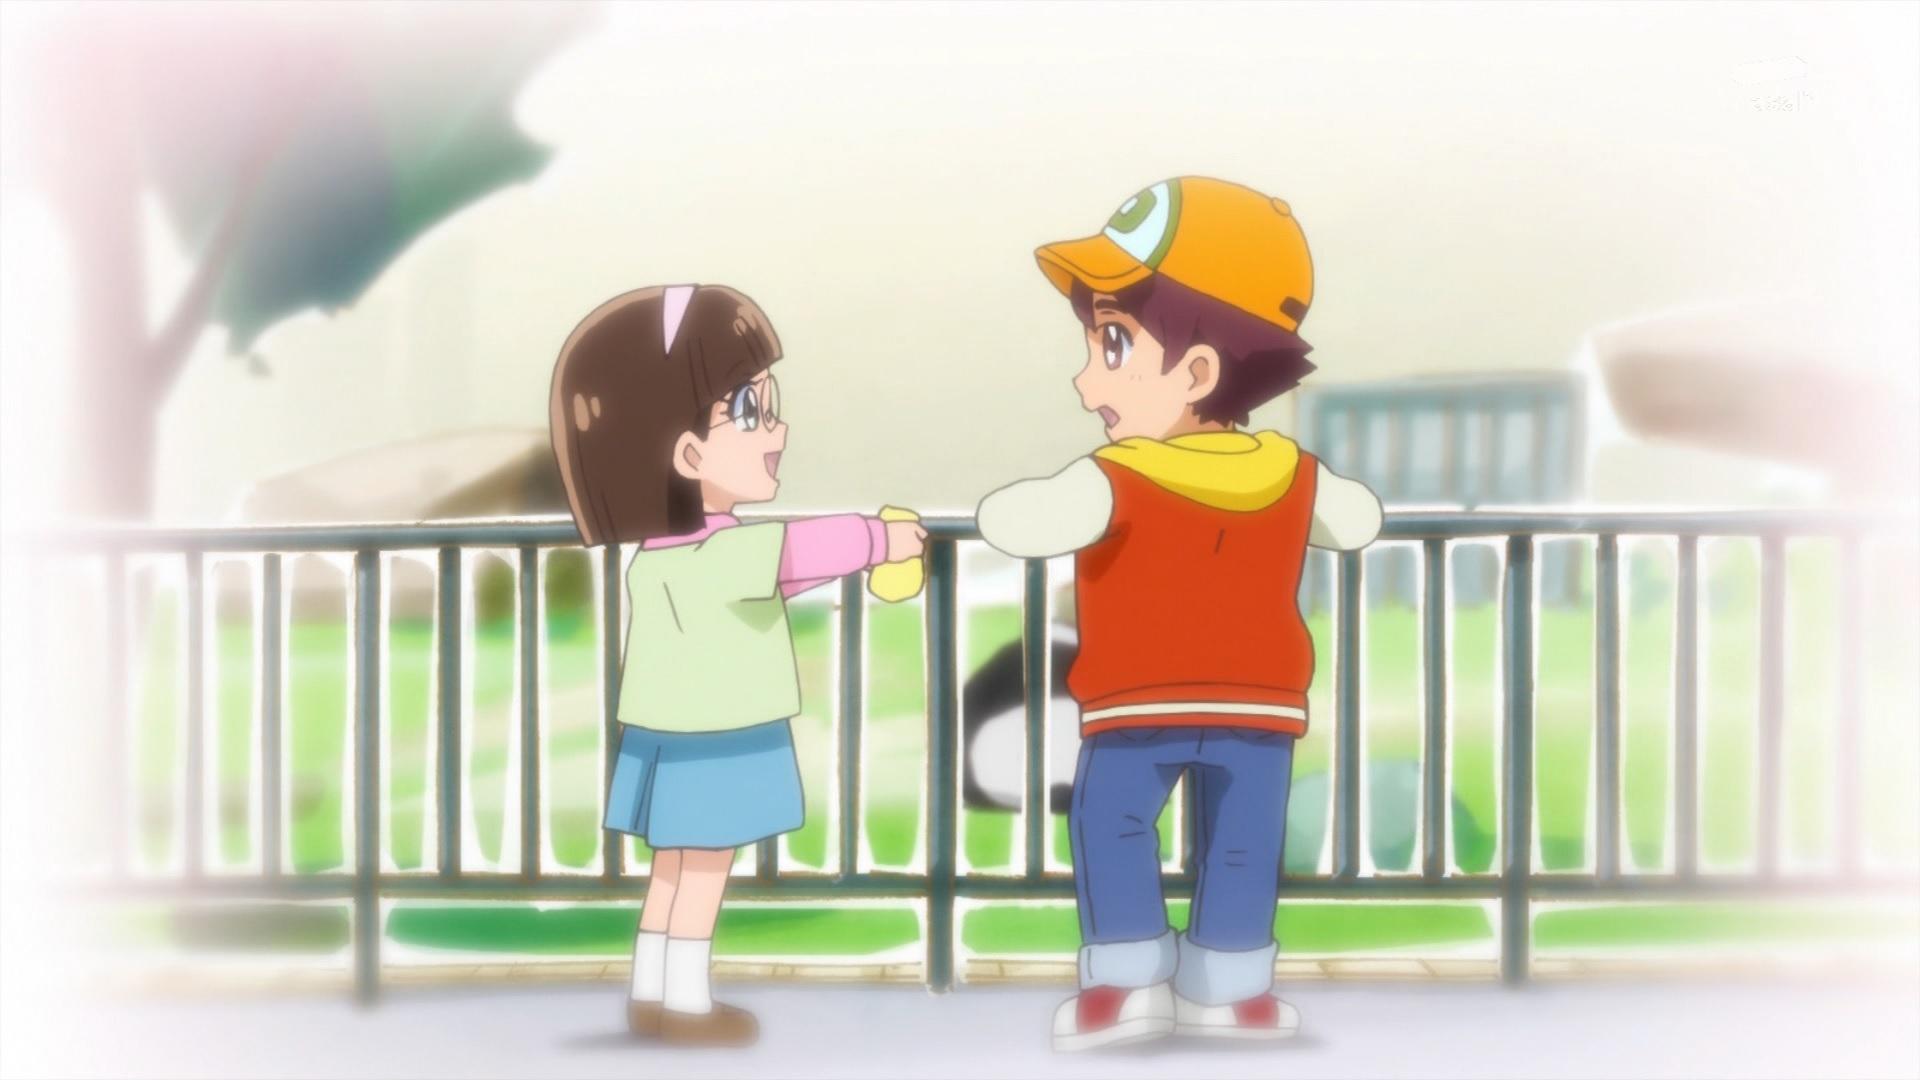 中村みどりと辰巳だいすけ(キラキラプリキュアアラモード9話画像)